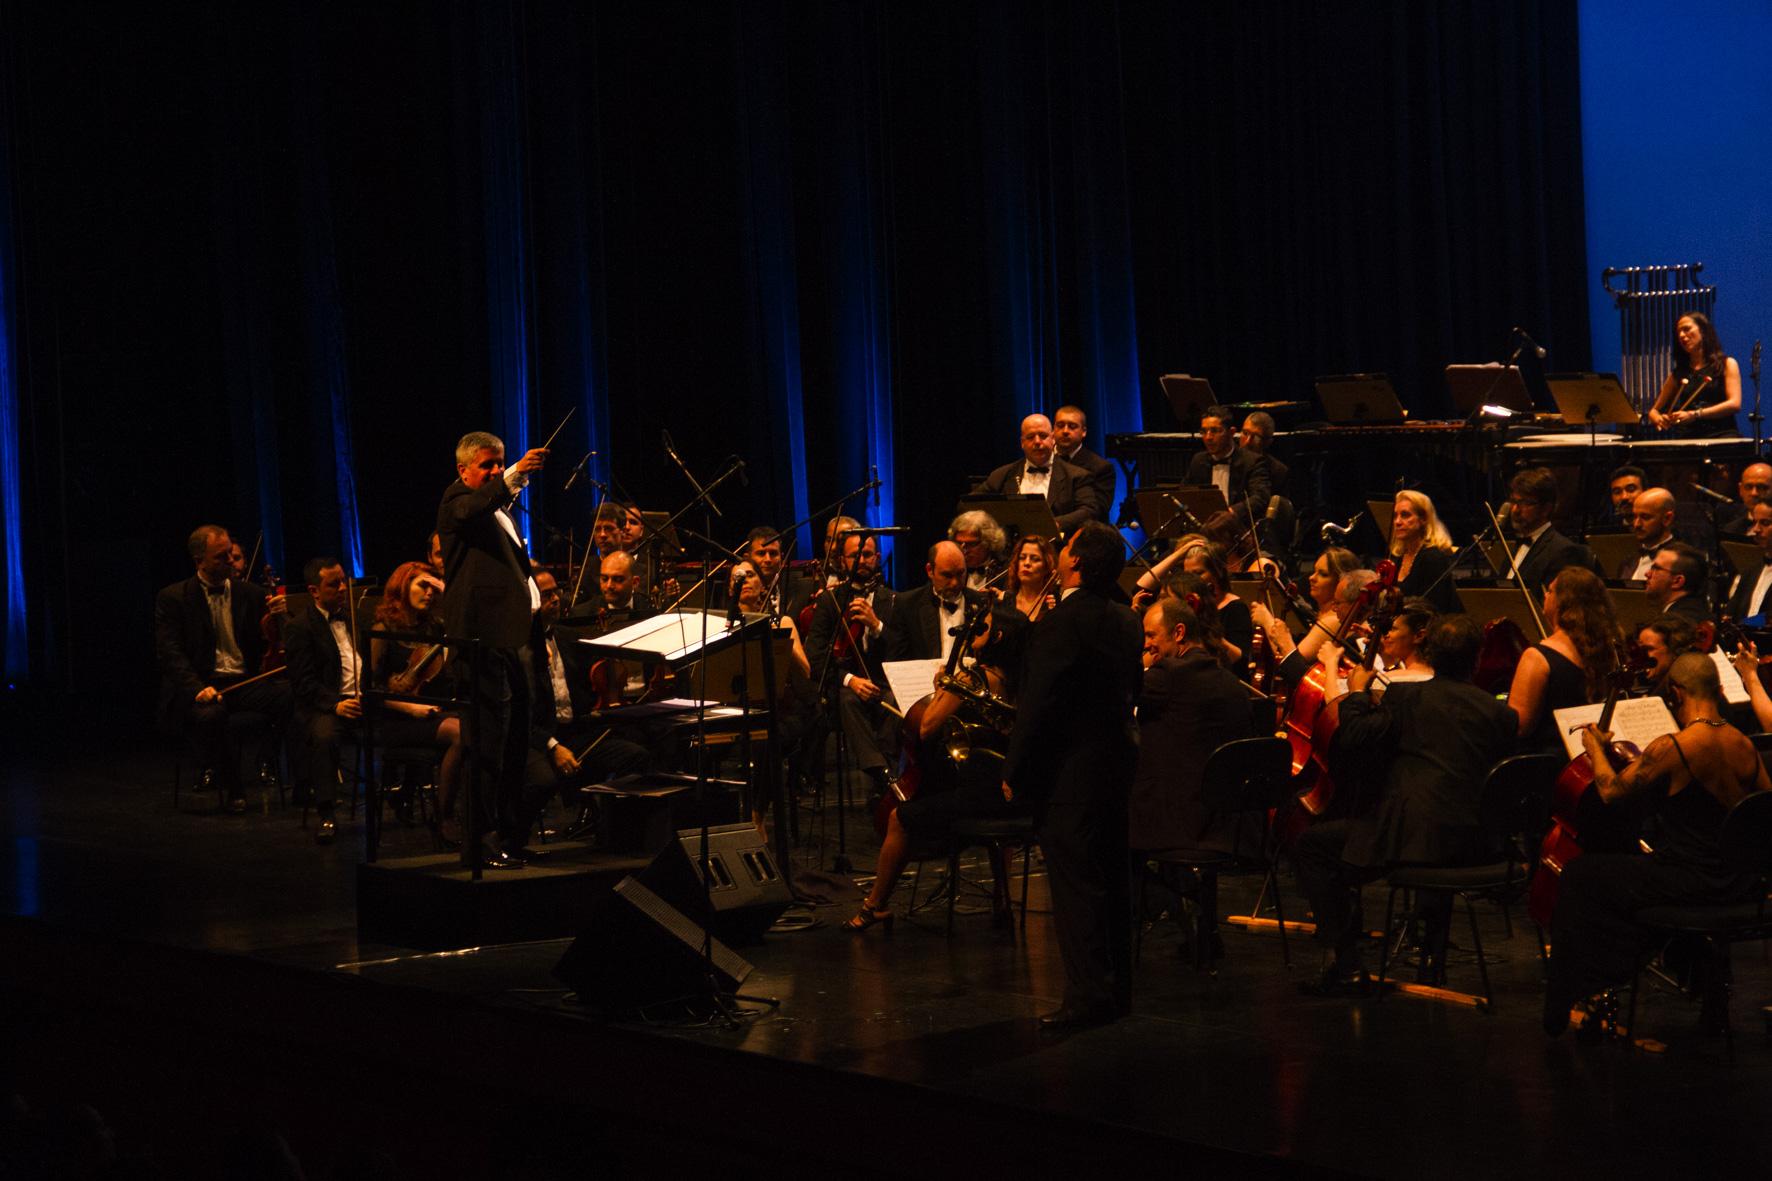 TV Cultura exibe gravação exclusiva do concerto que comemorou o aniversário da orquestra. Neste sábado (5/3), às 21h30